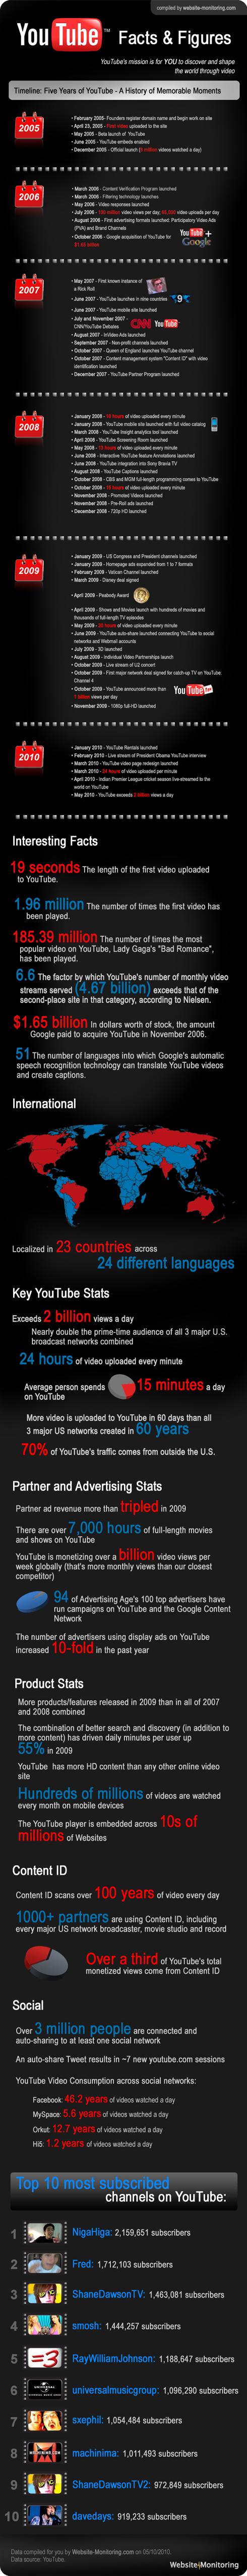 youtube infographic resized 600